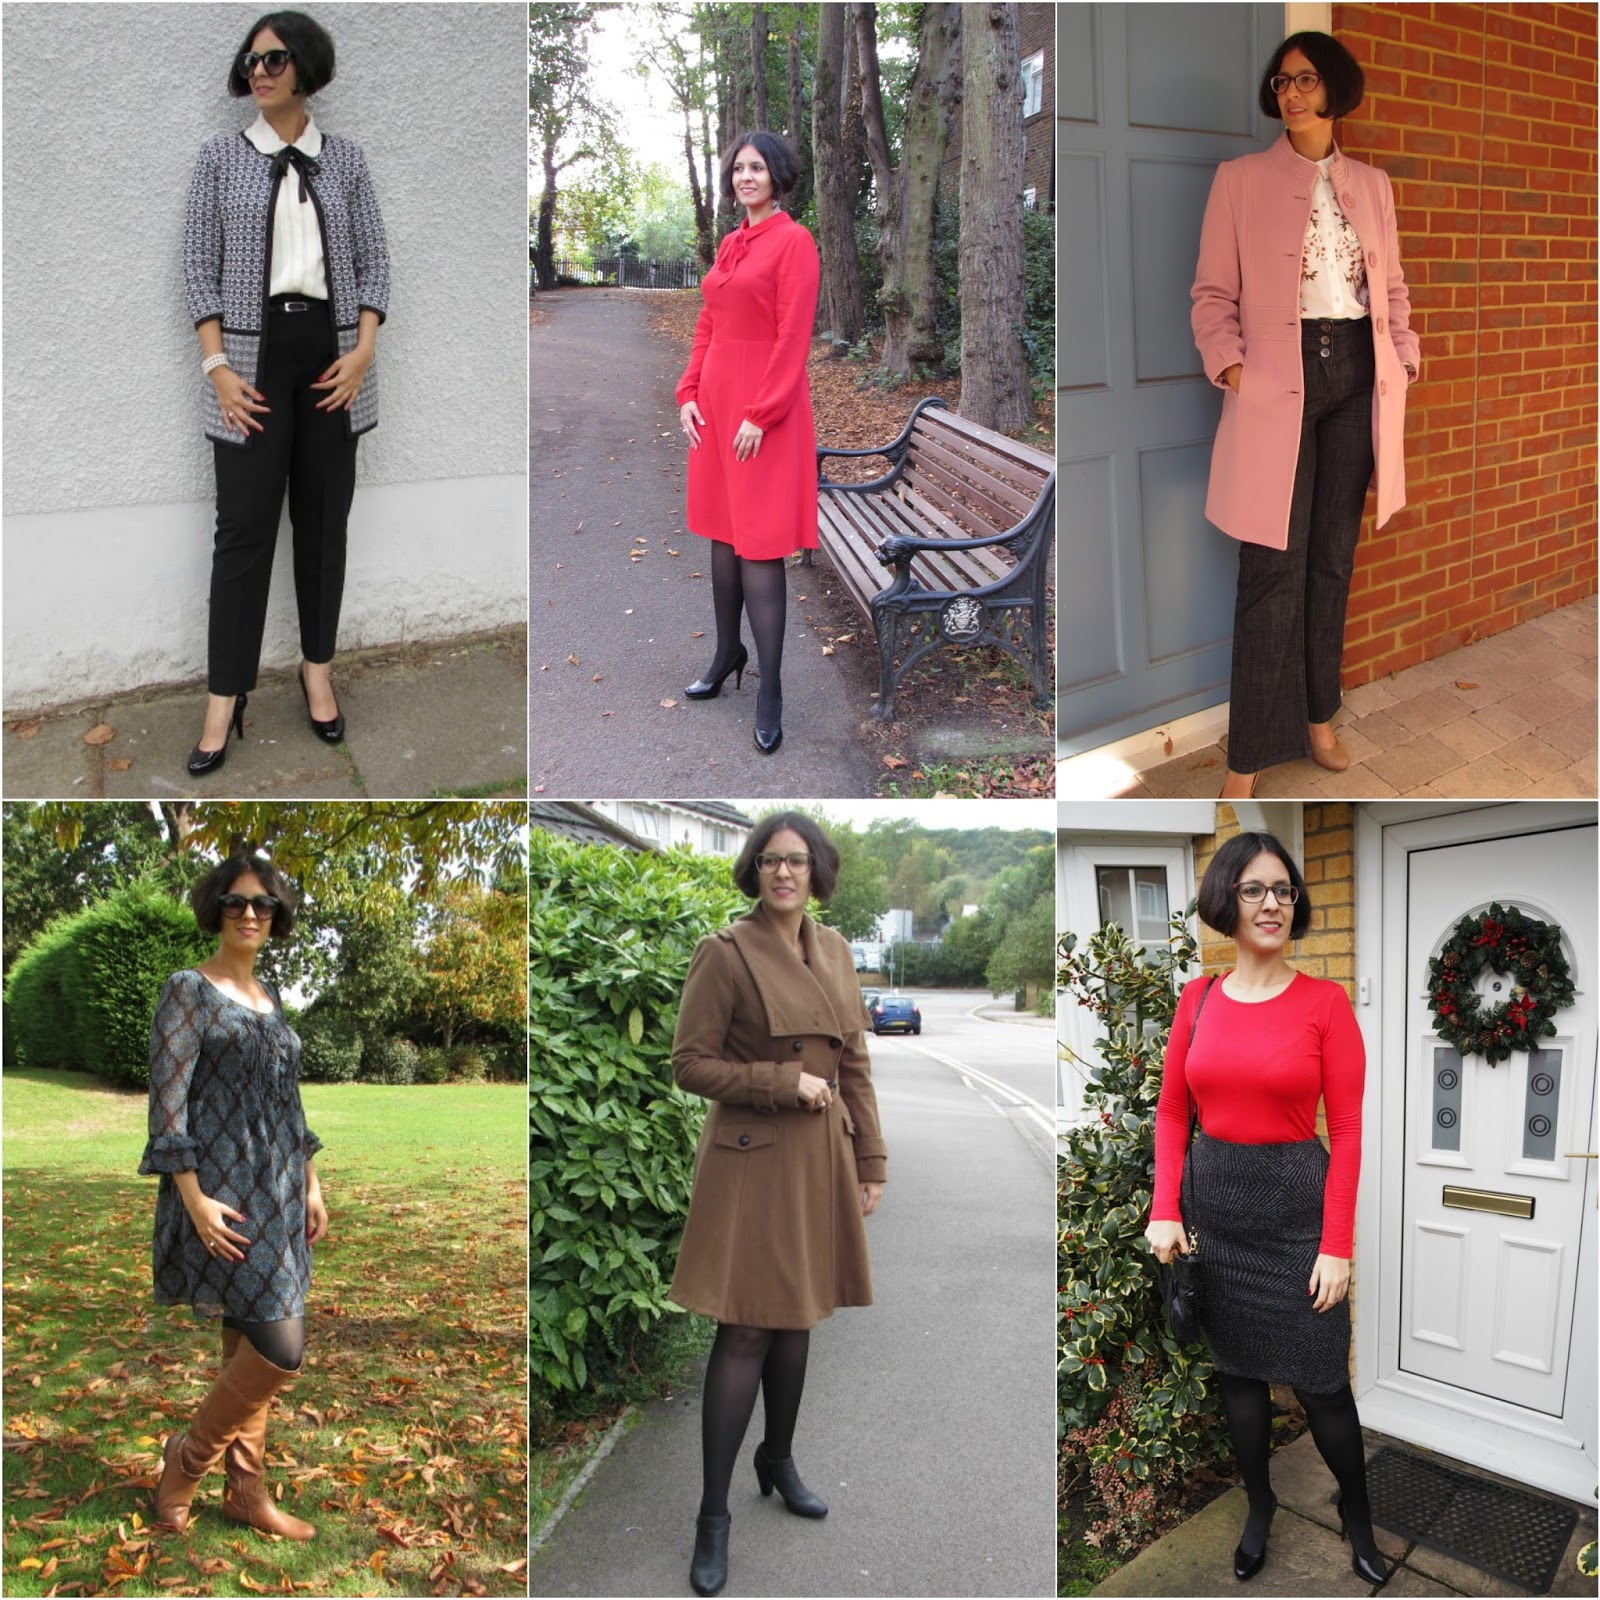 2016 outfit recap